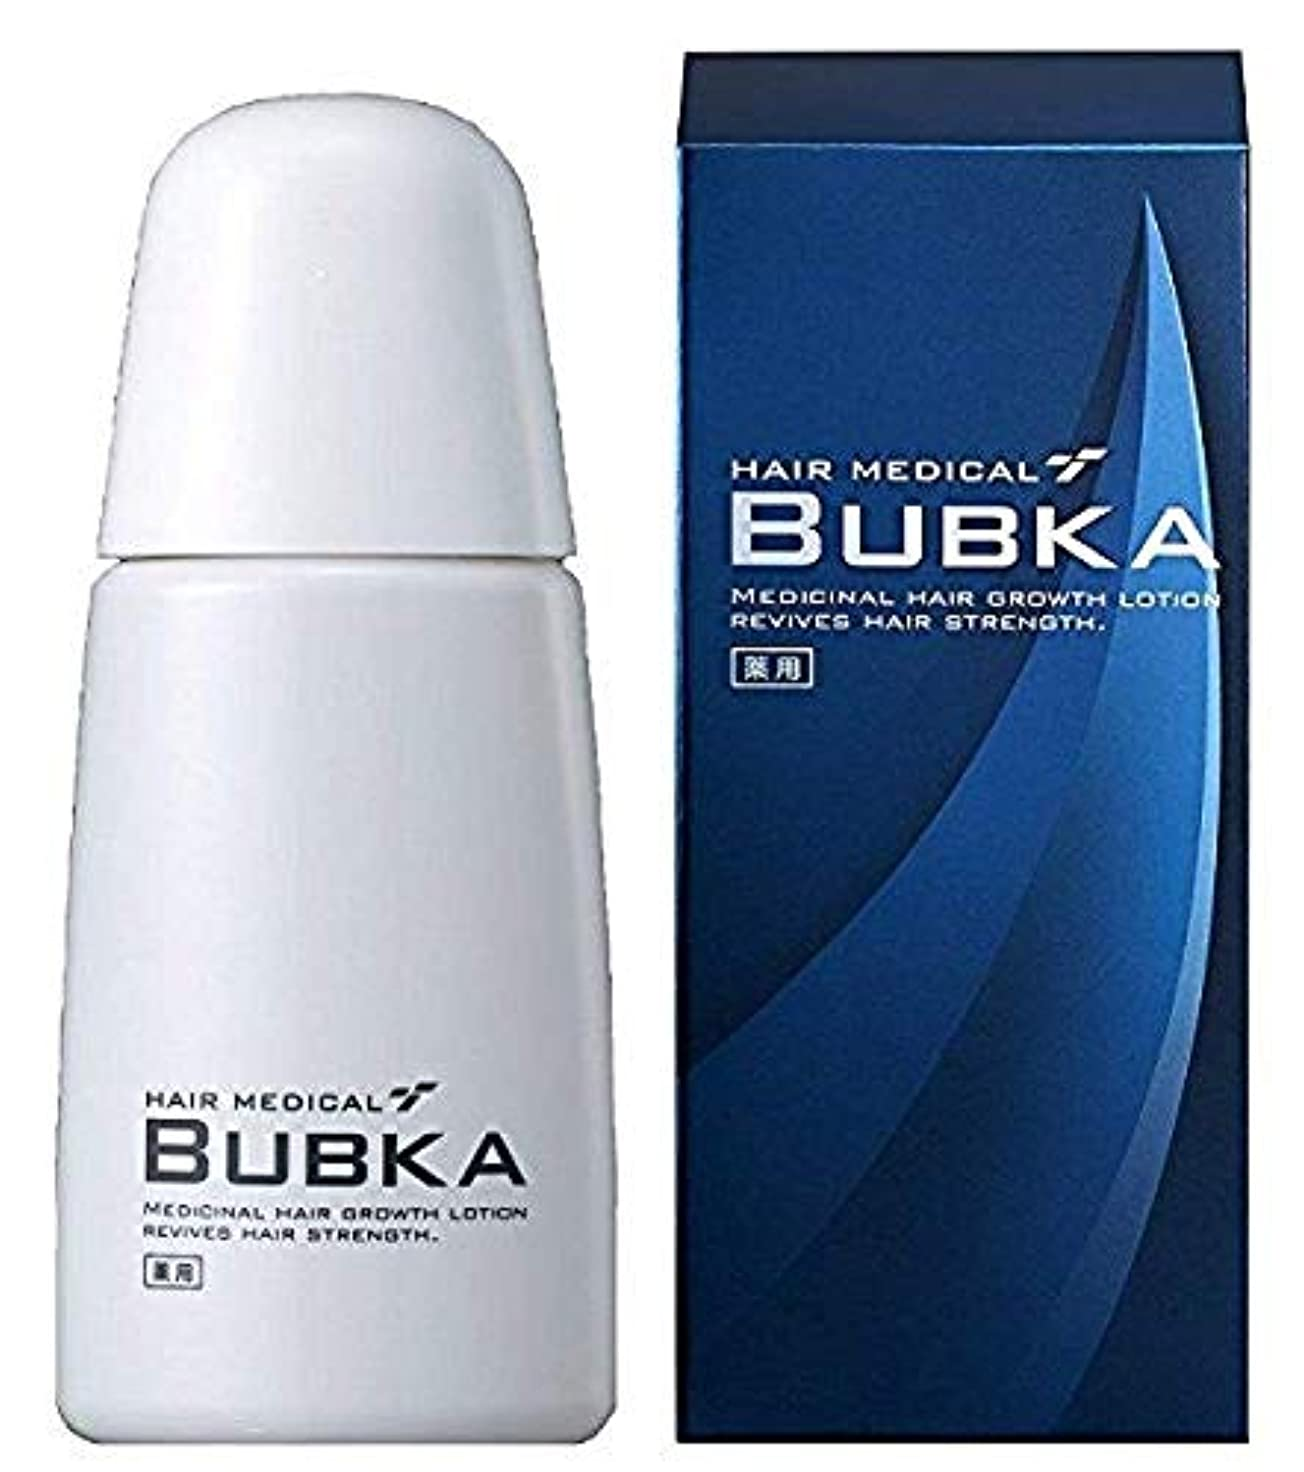 所得哀れなびん【BUBKA ブブカ 】新型 濃密育毛剤 ブブカ-003M (内容量:120ml 約1ヶ月分)(医薬部外品)